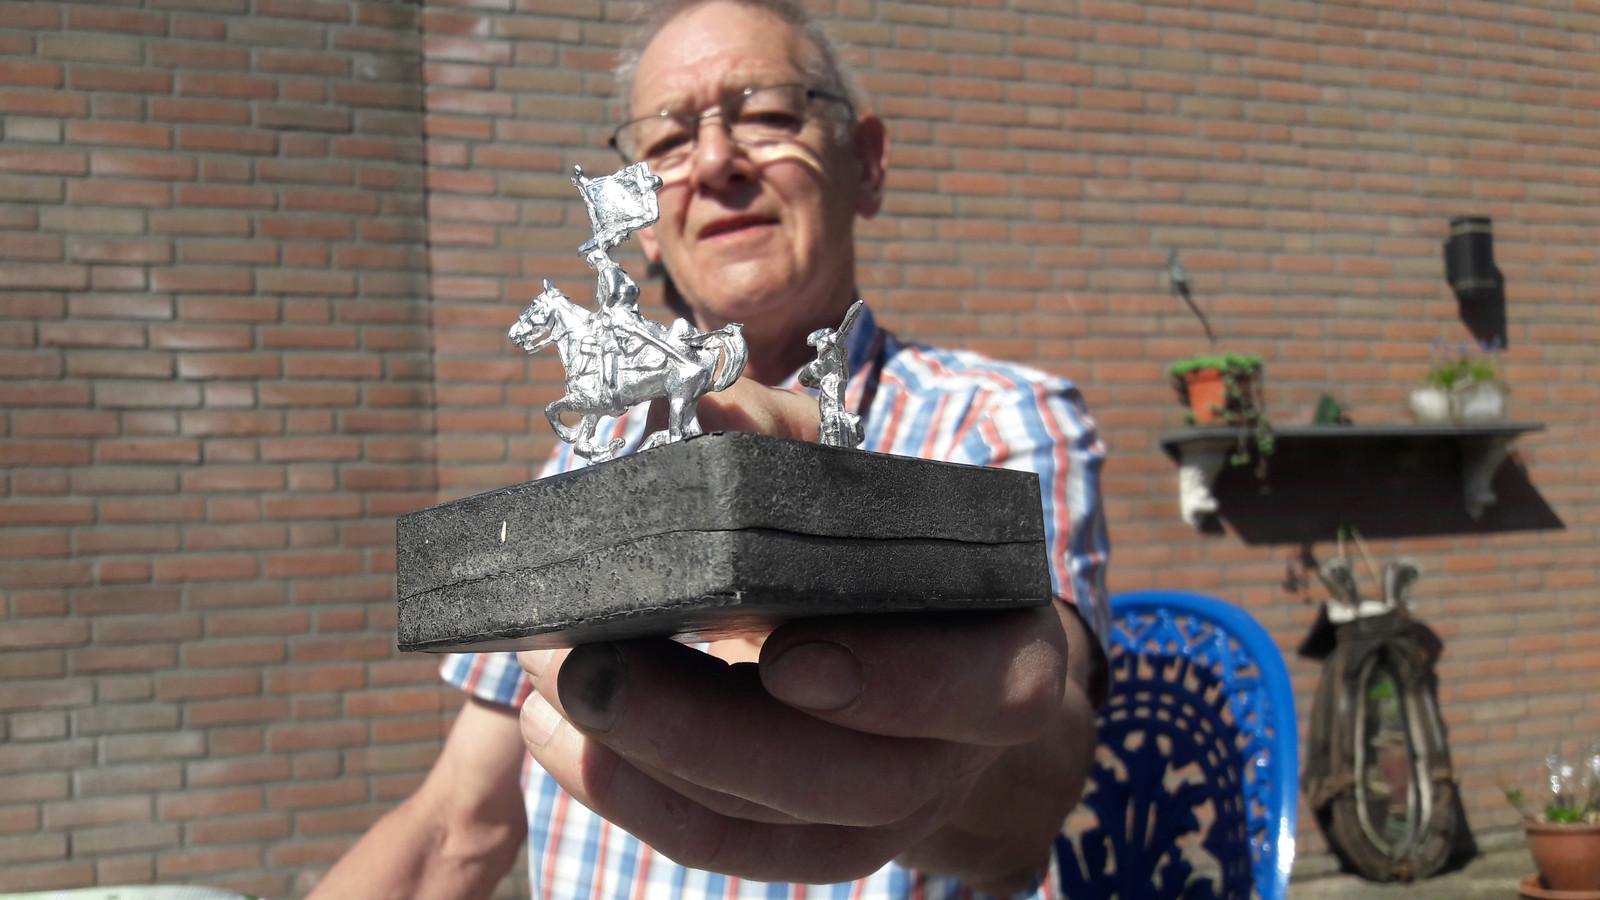 De ruiter te paard van Jan Smits is klaar.  Onder zijn versgegoten creatie de rubberen mal waar hij uit voortkwam.